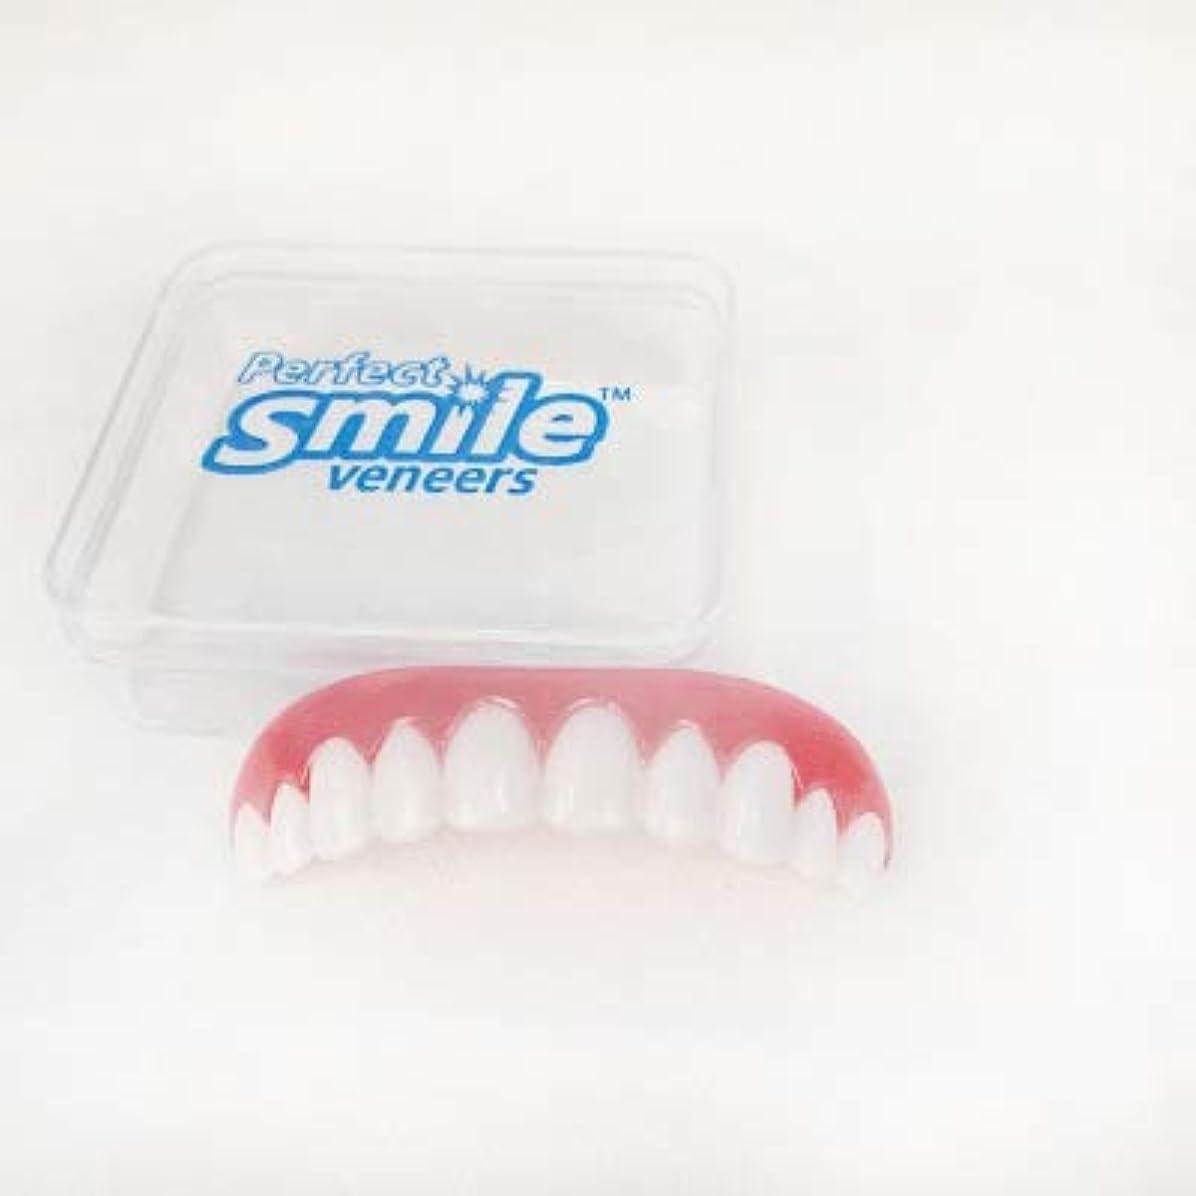 連邦配管工アクセル3セット、化粧品の歯、白い歯をきれいにするコンフォートフィットフレックス歯ソケット、化粧品の歯義歯の歯のトップ化粧品